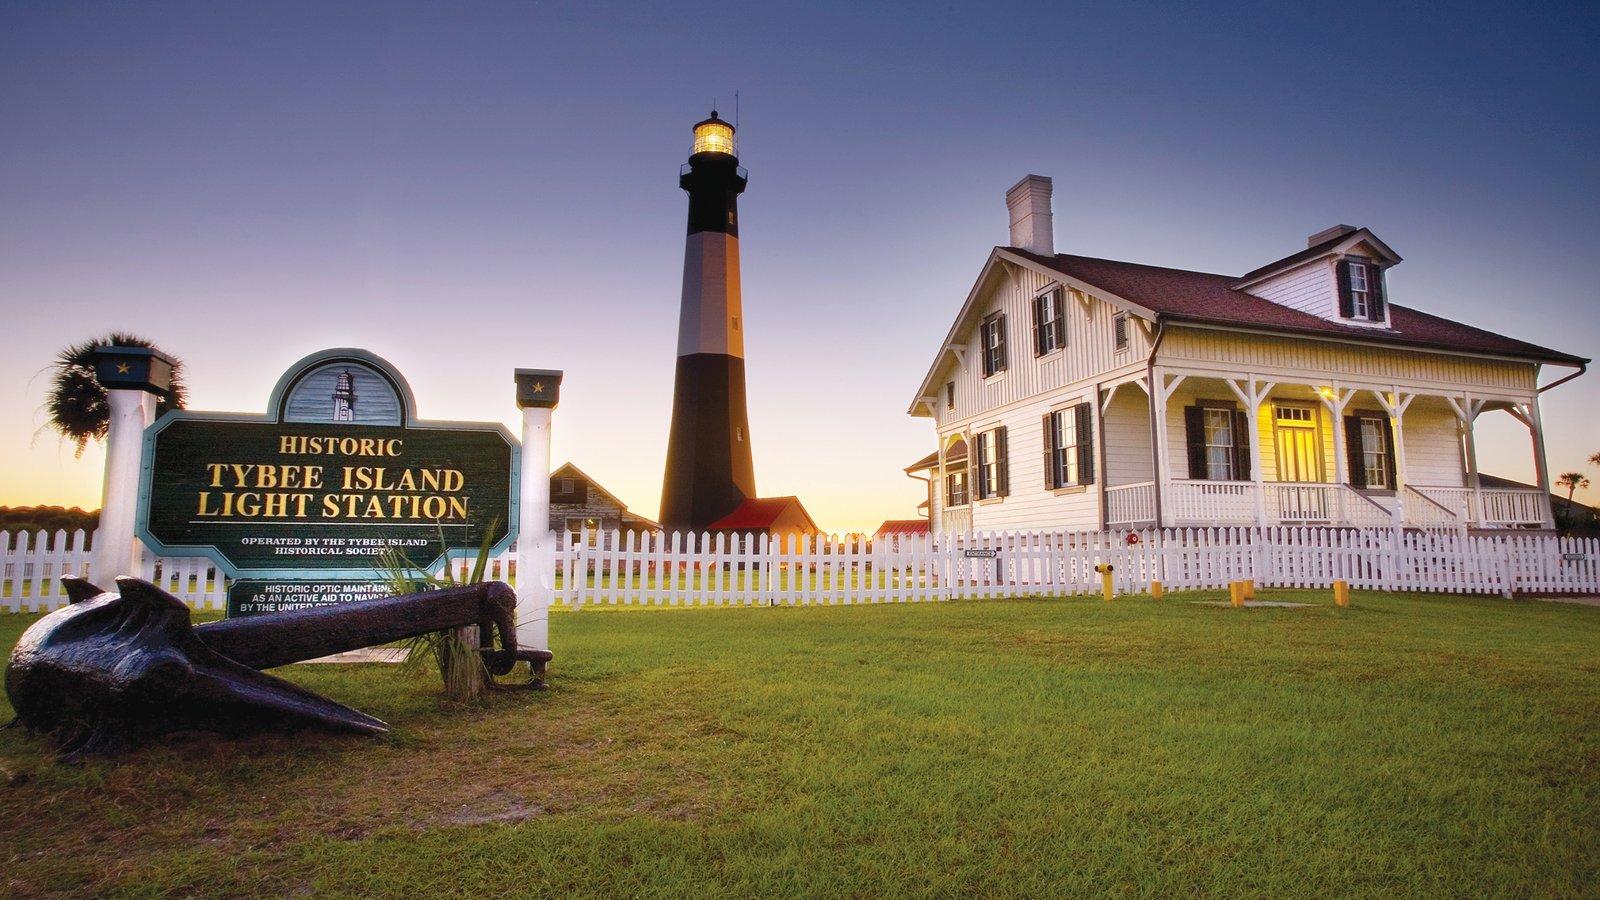 Tybee Island que inclui sinalização, um farol e uma cidade pequena ou vila